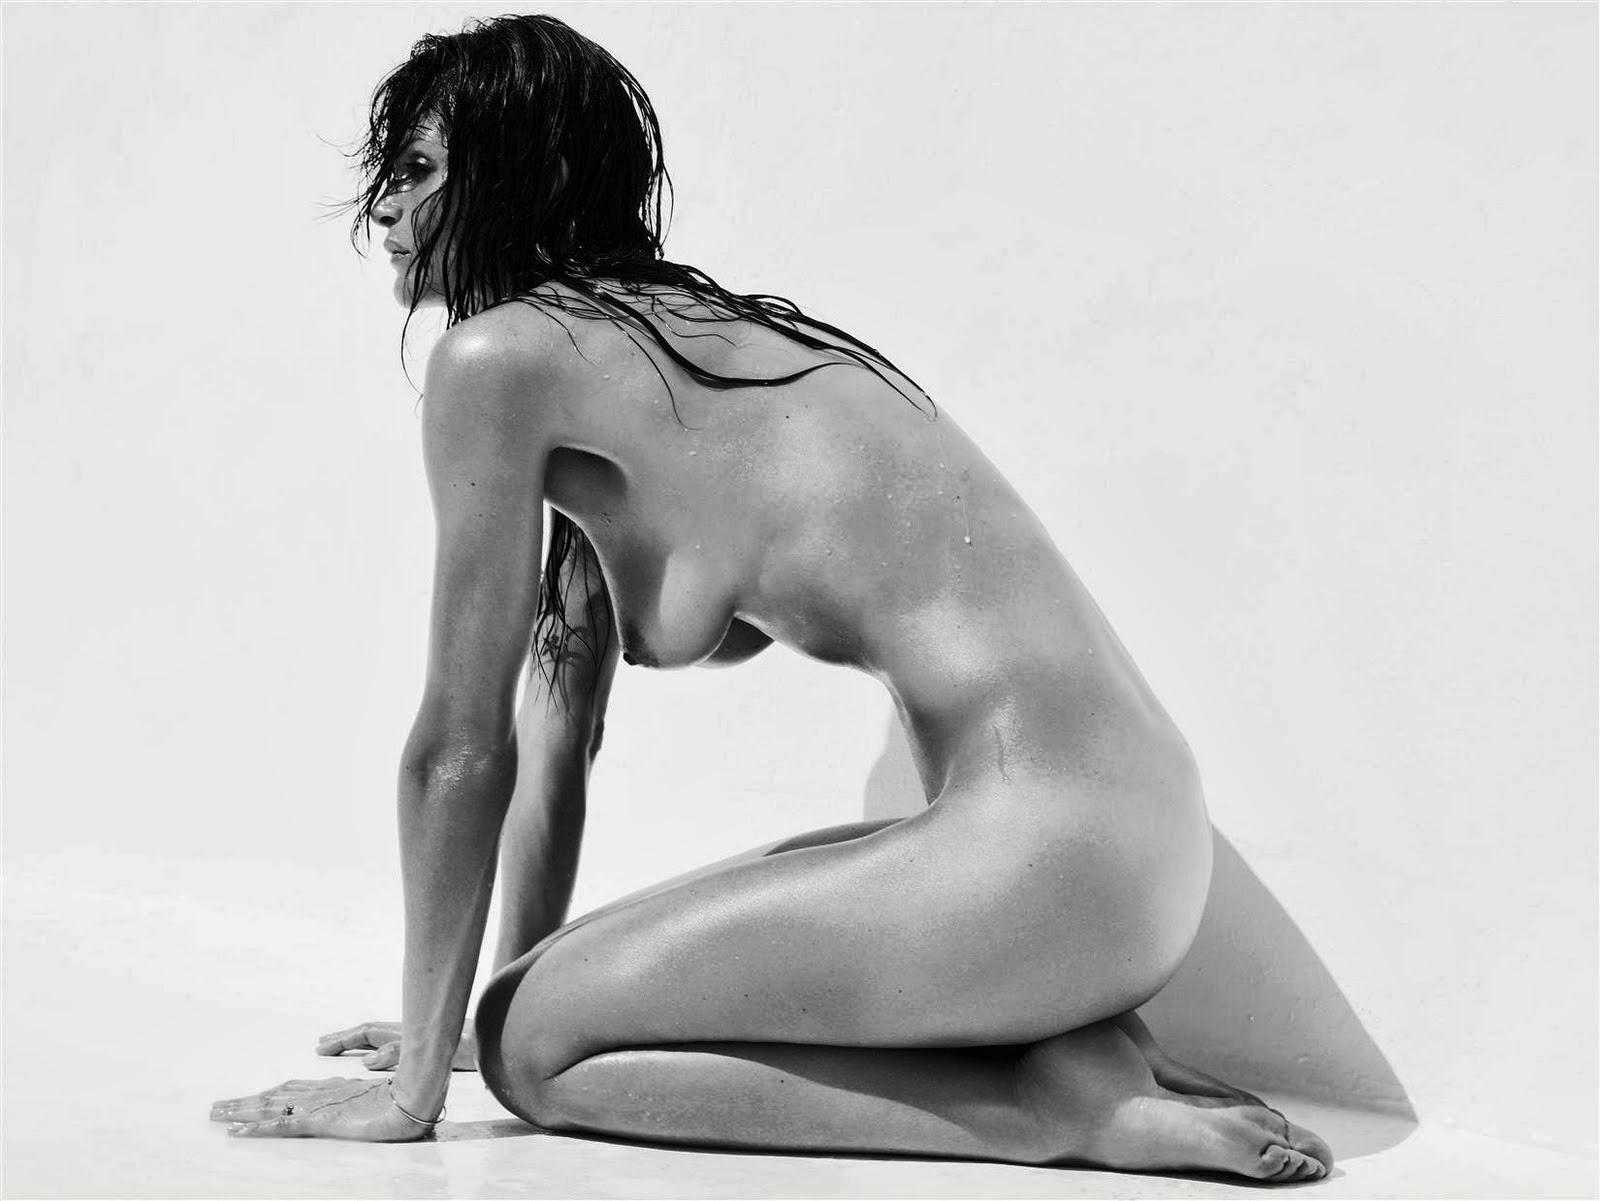 Sofia pernas nackt